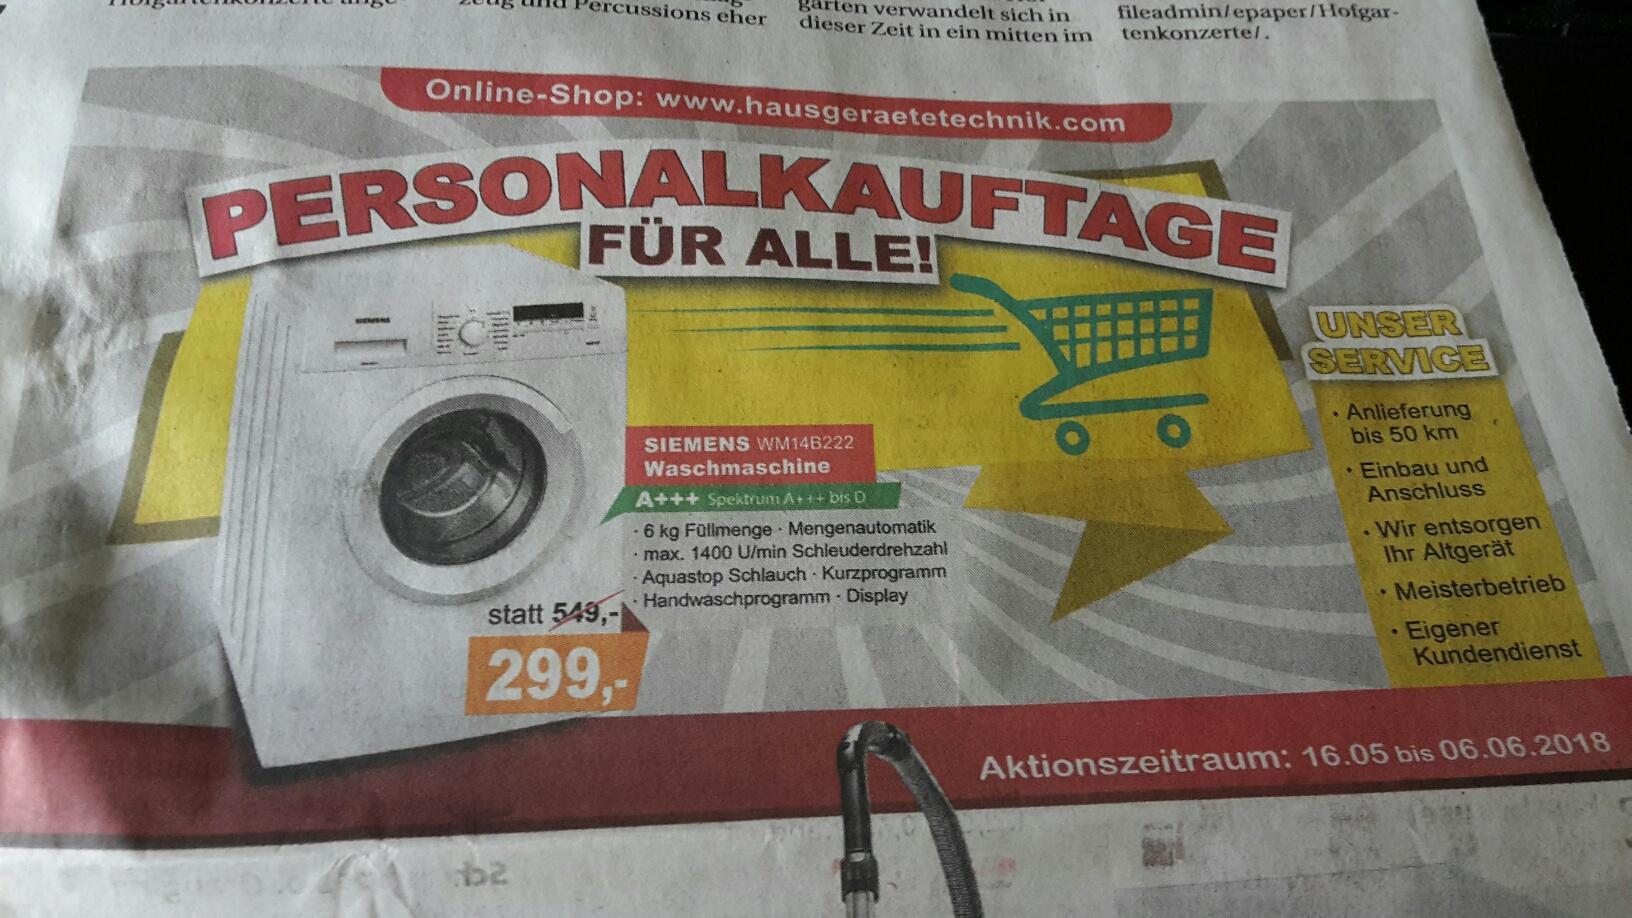 Duisburg Hausgeräte Technik Siemens Waschmaschine WM14B222